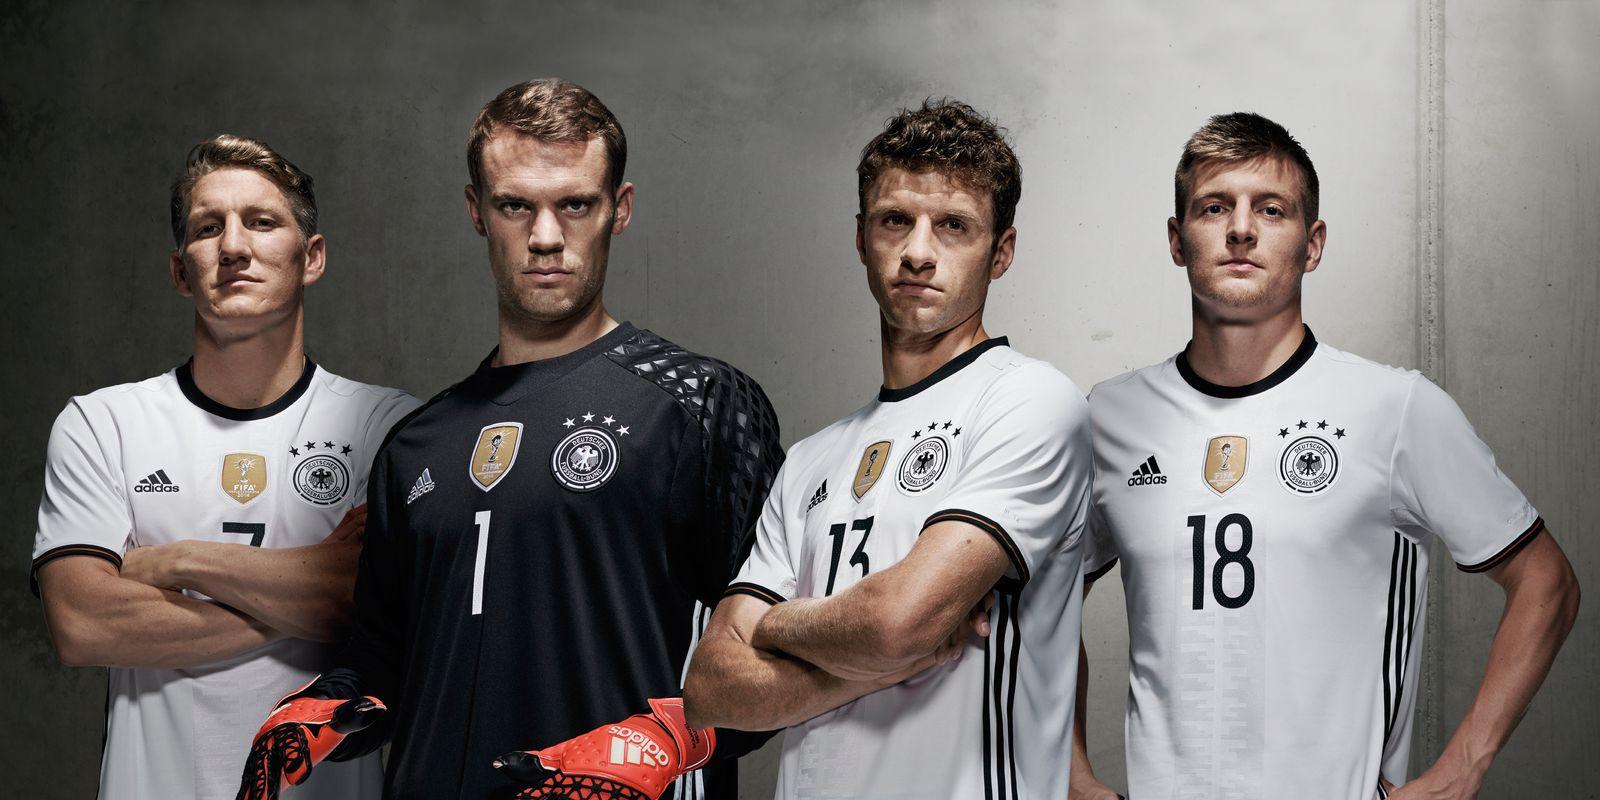 Trikot der deutschen Fußball-Nationalmannschaft